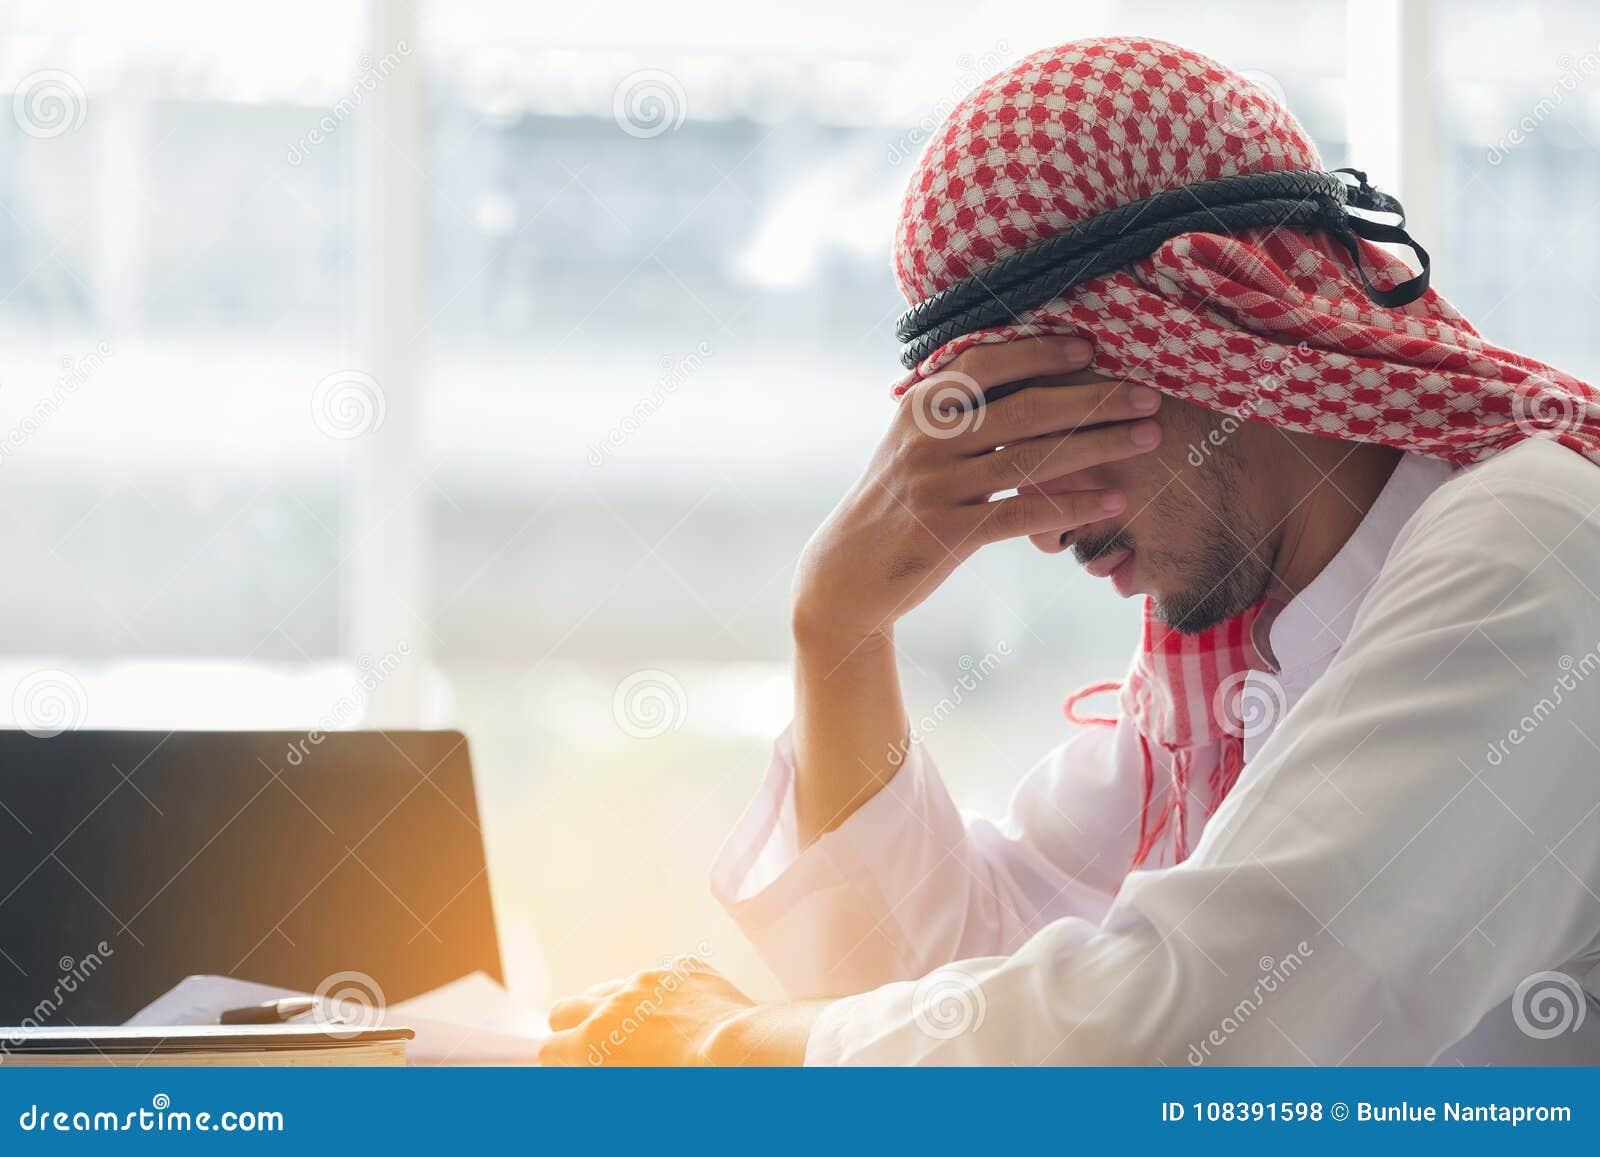 Homme saoudien arabe travaillant dans un bureau, travail arabe de tension d homme d affaires